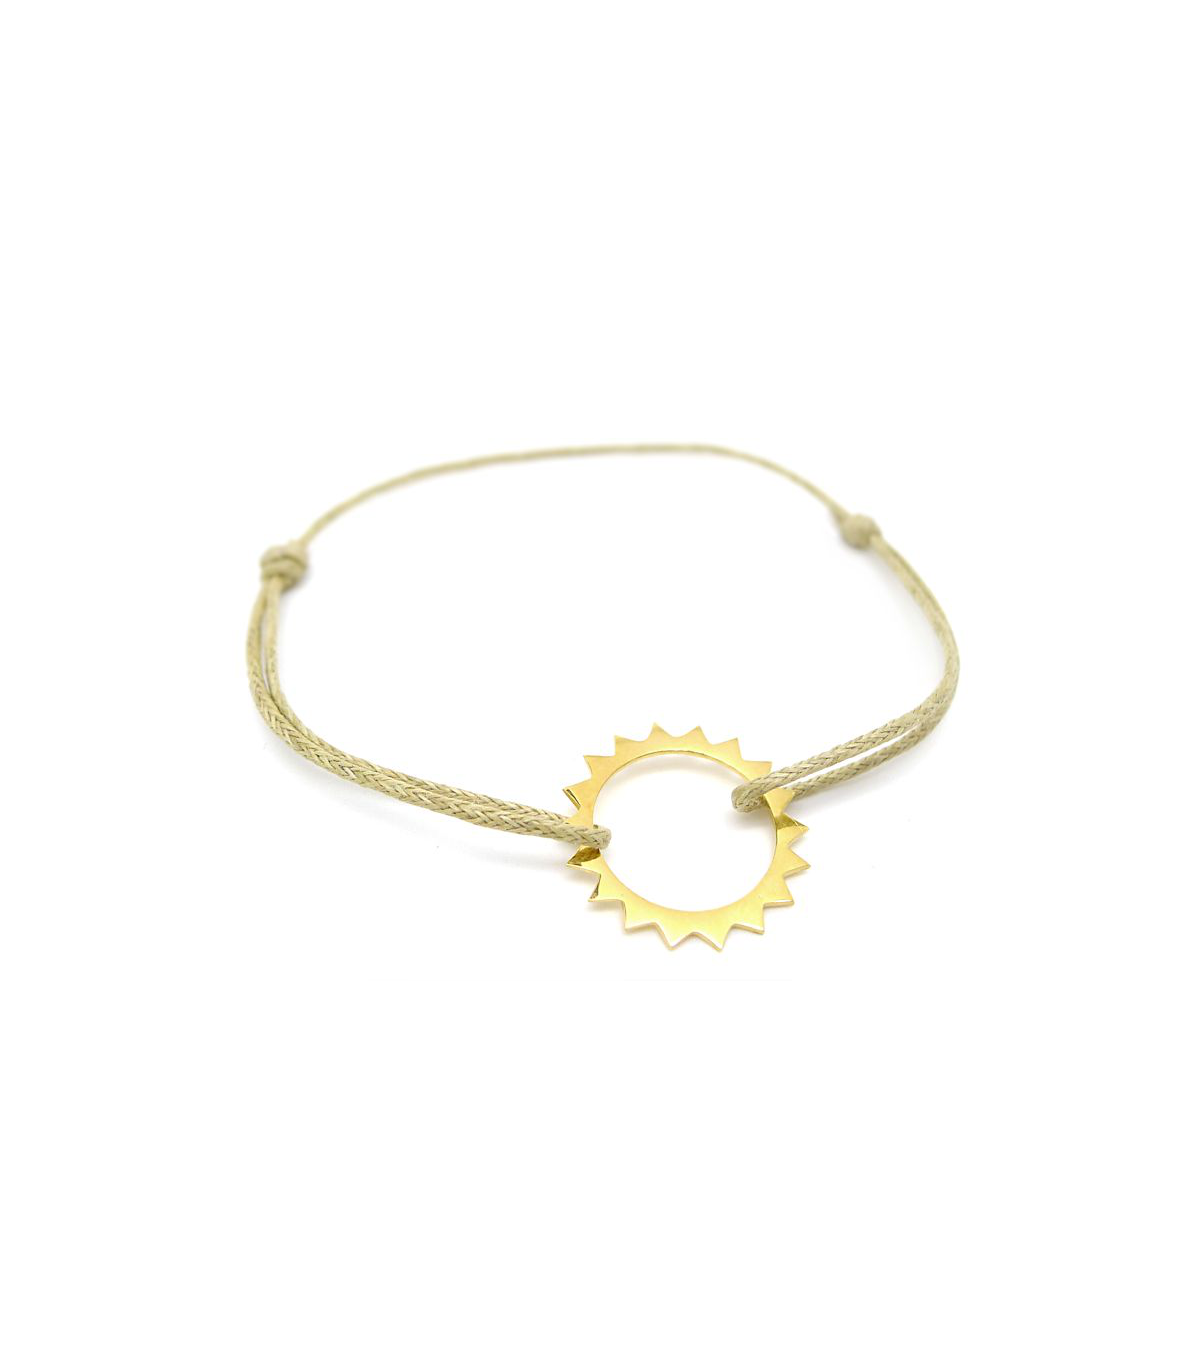 en gros remise pour vente dernier style de 2019 Bracelet Soleil - Vermeil et coton sable